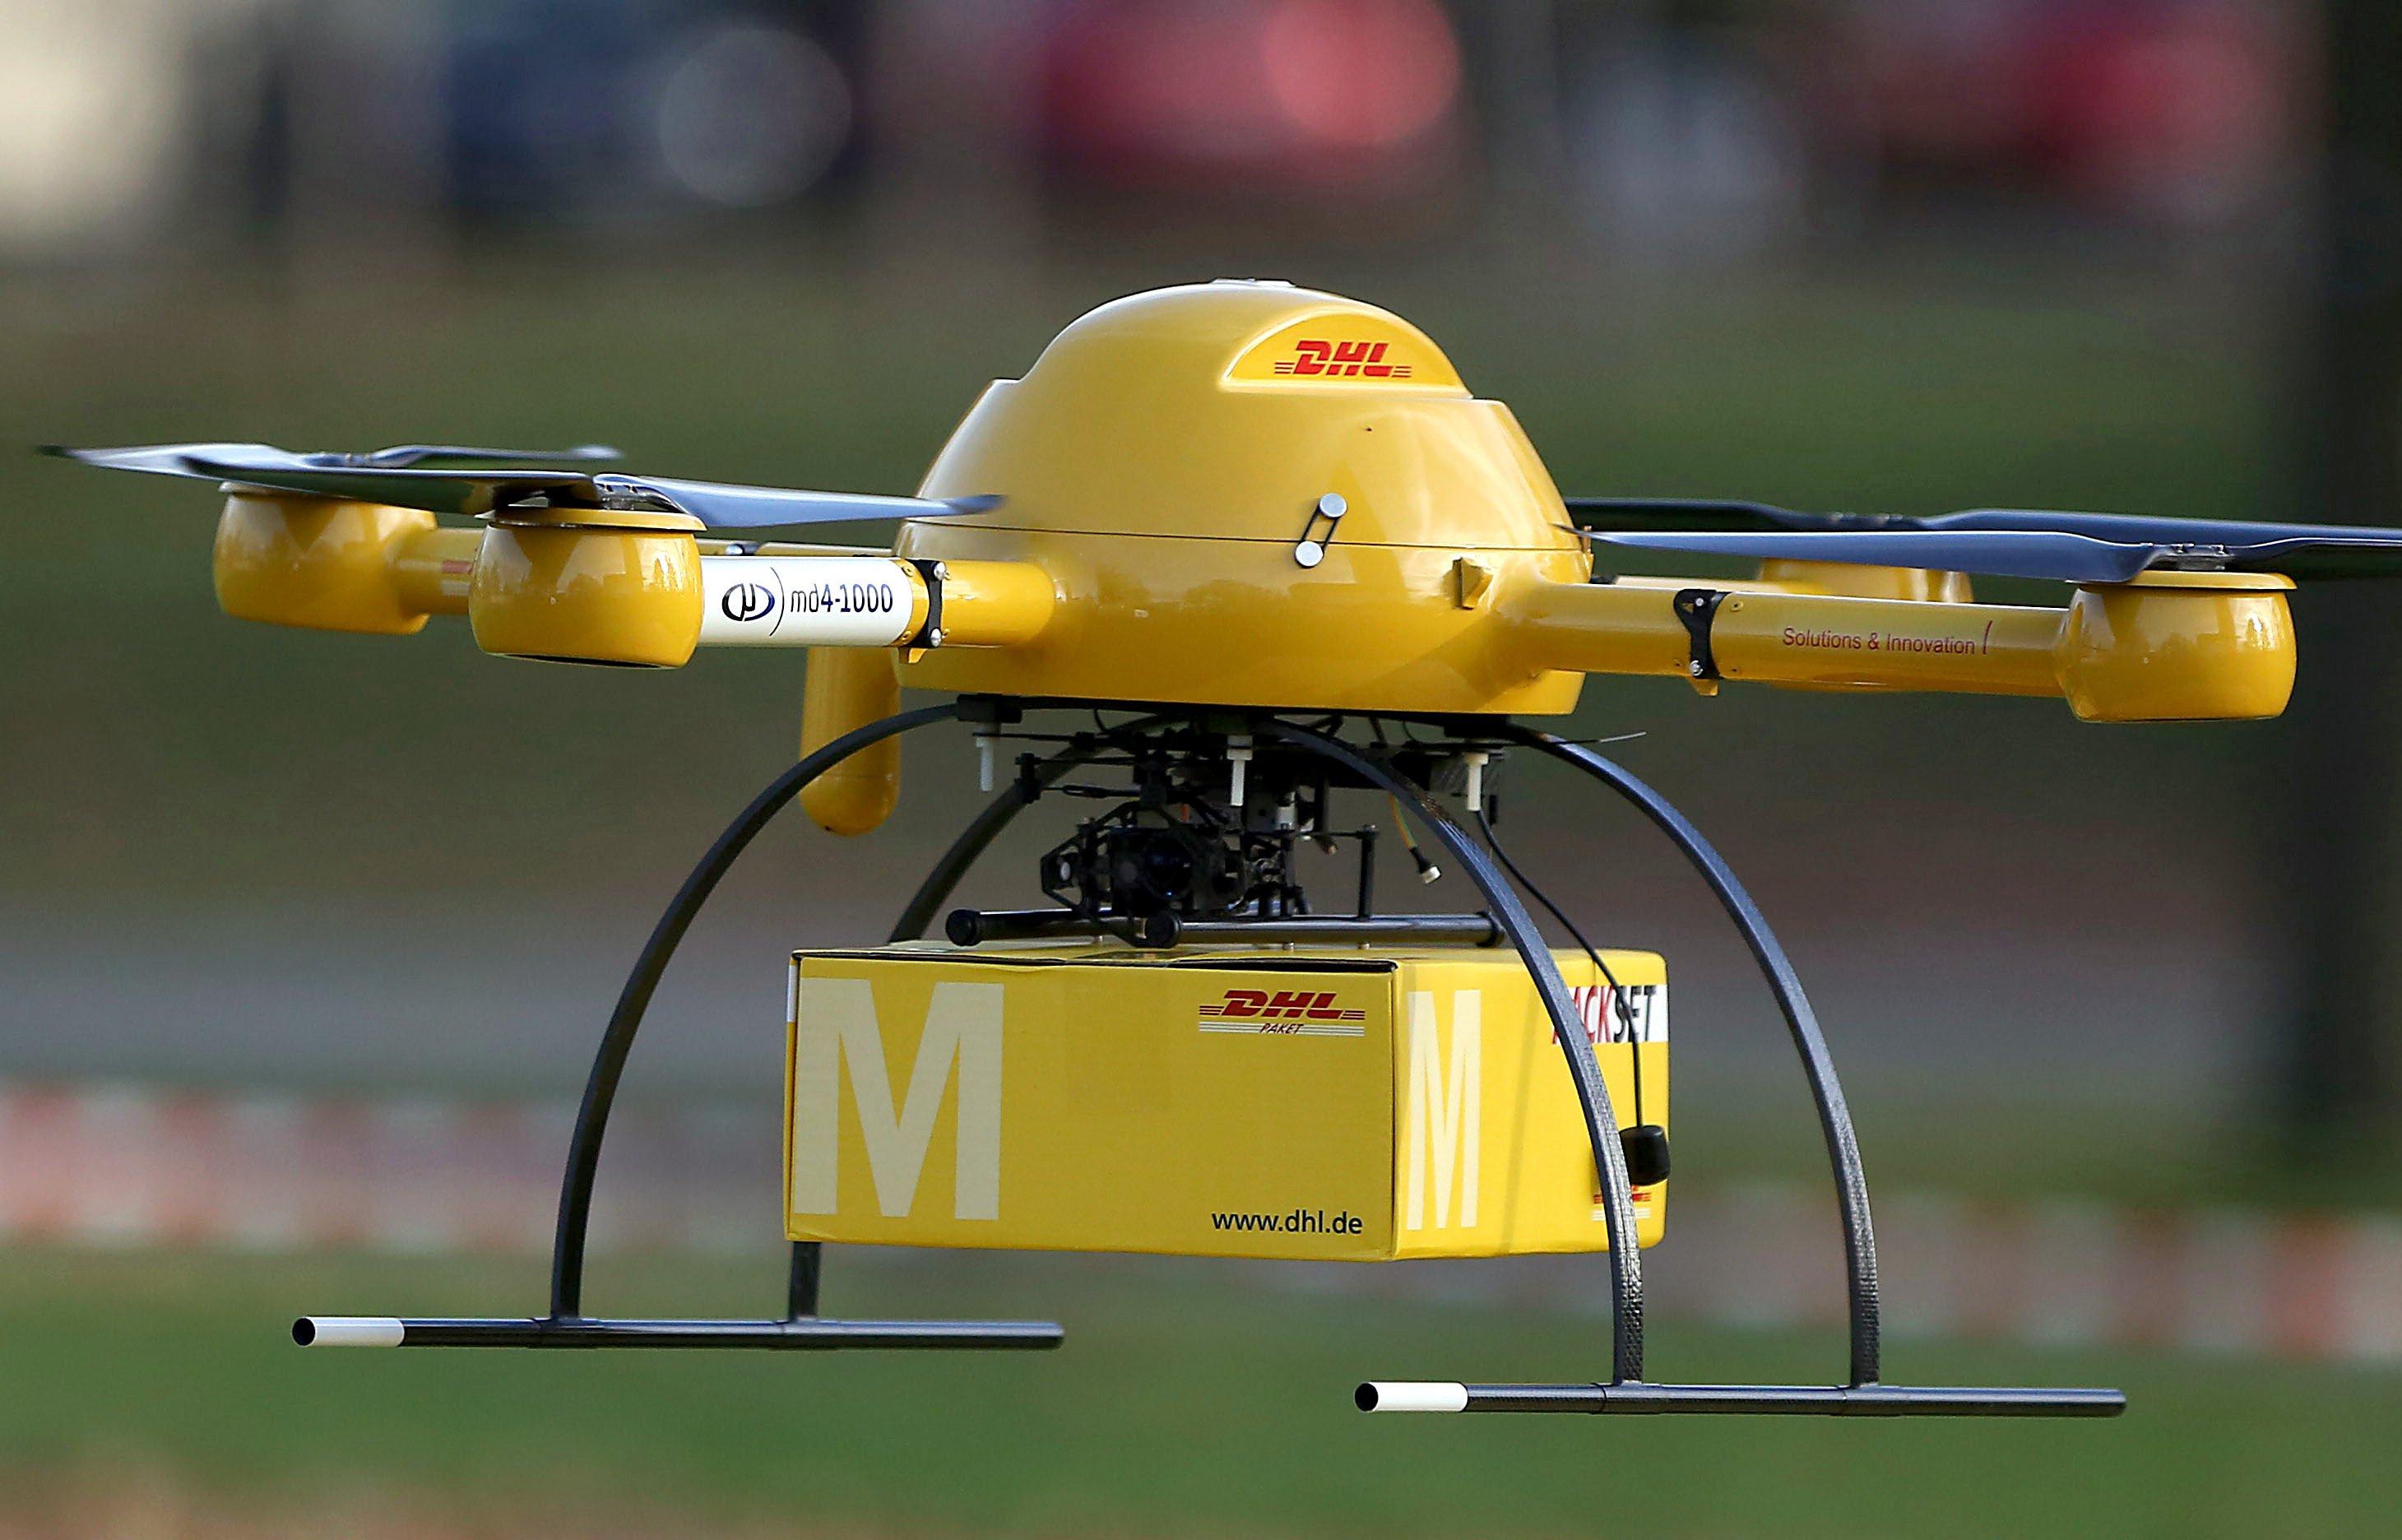 Nicht nur seriöse Unternehmen wie die Deutsche Post DHL testet Drohnen für die Paketzustellung. Kriminelle haben die kleinen unbemannten Flugkörper auch für sich und den Drogenschmuggel entdeckt.